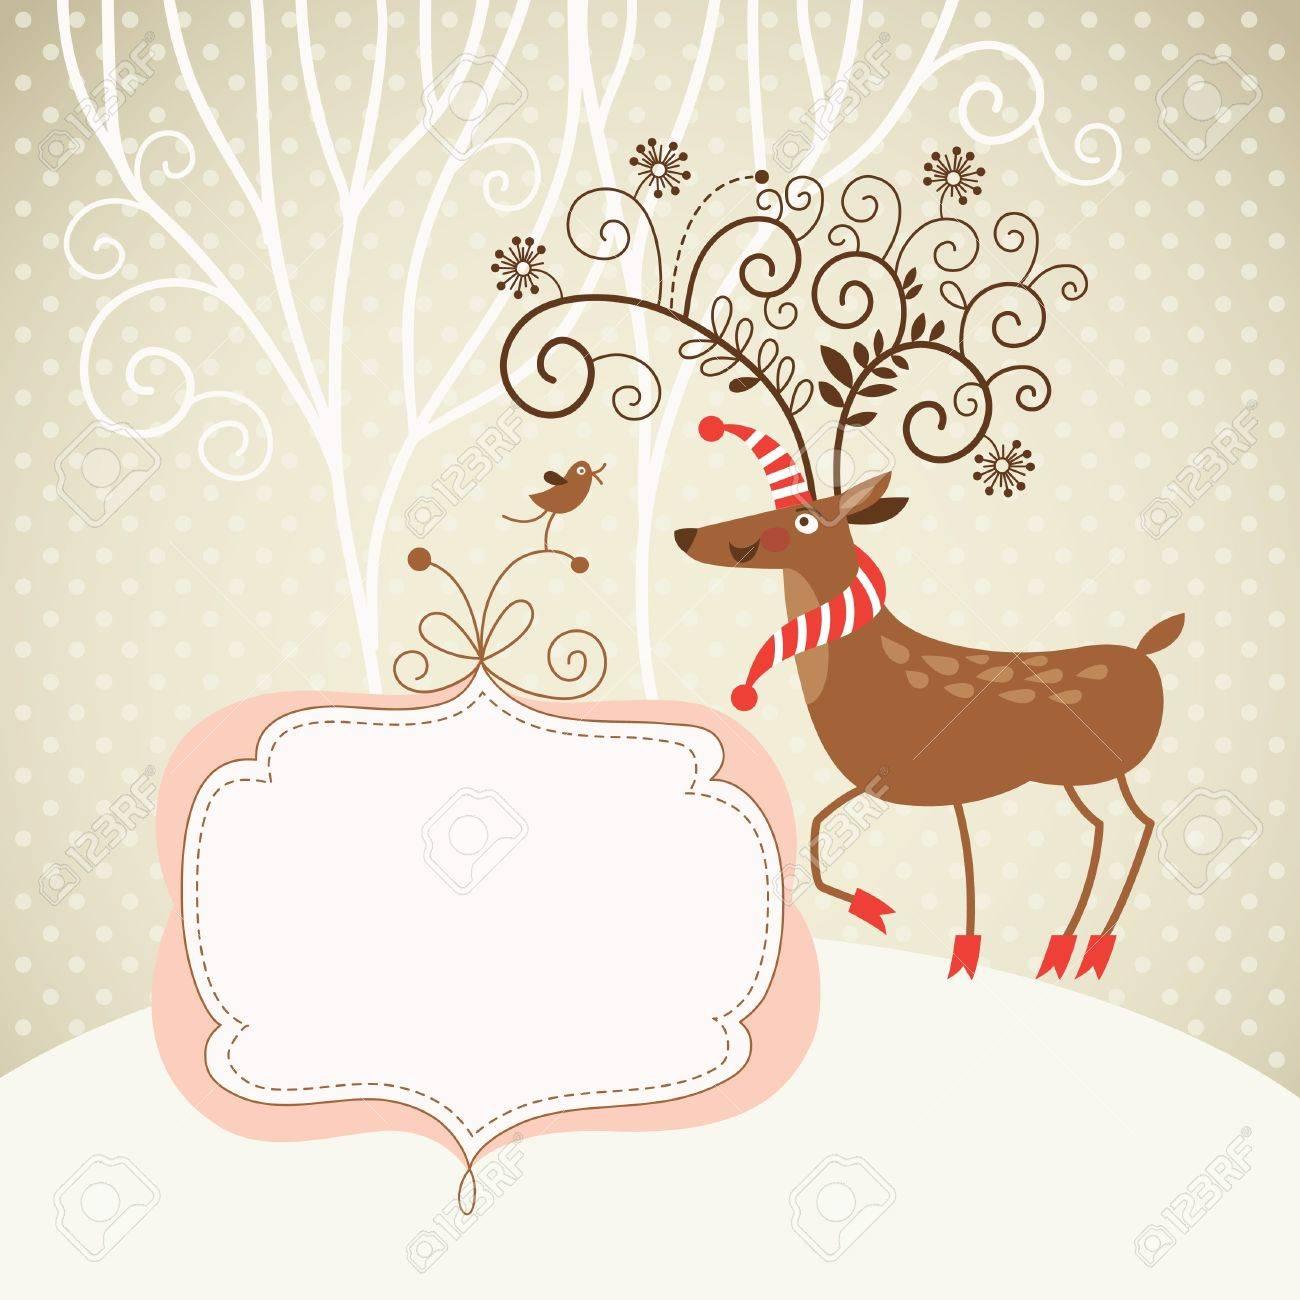 Christmas deer Stock Vector - 15375294